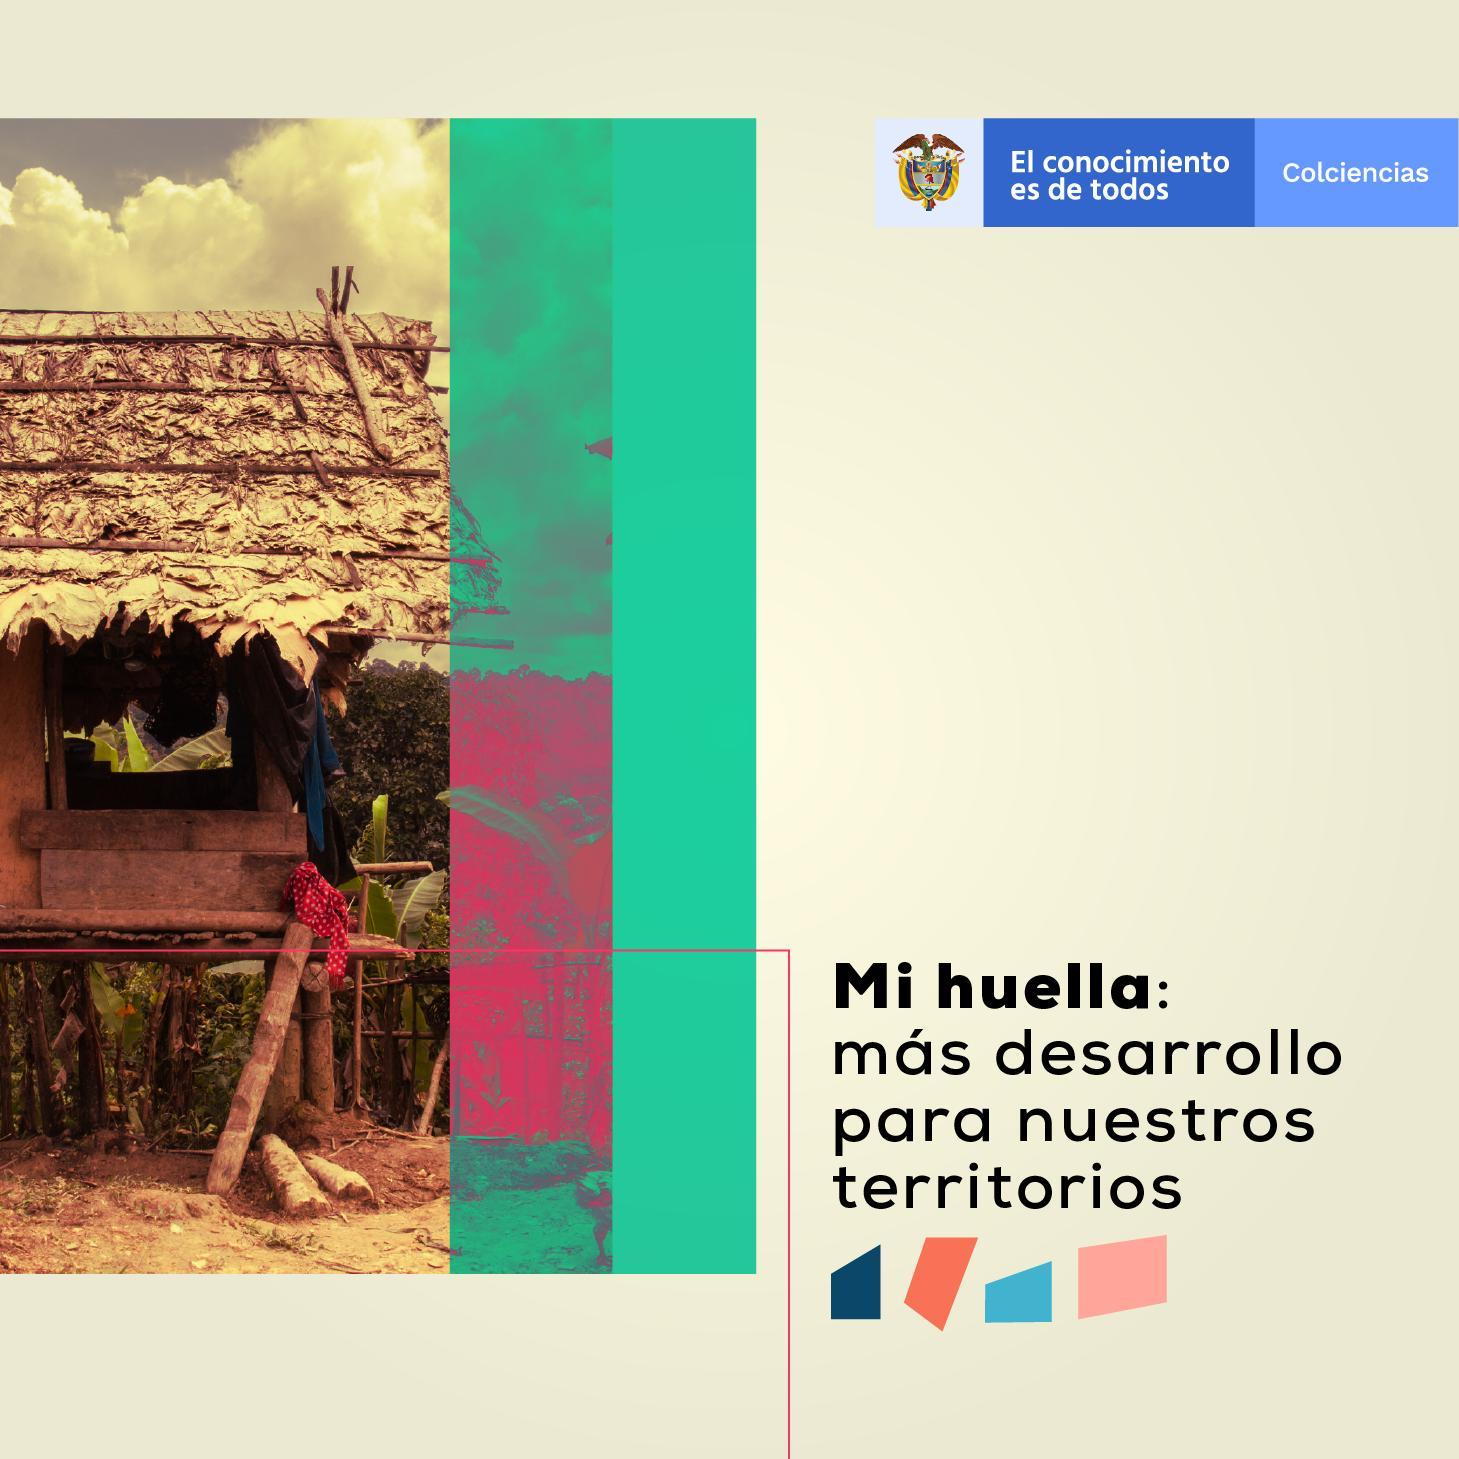 Convocatoria 4 (proyectos elegibles para apropiación social de la CTeI y vocaciones para la consolidación de una sociedad del conocimiento de los territorios)